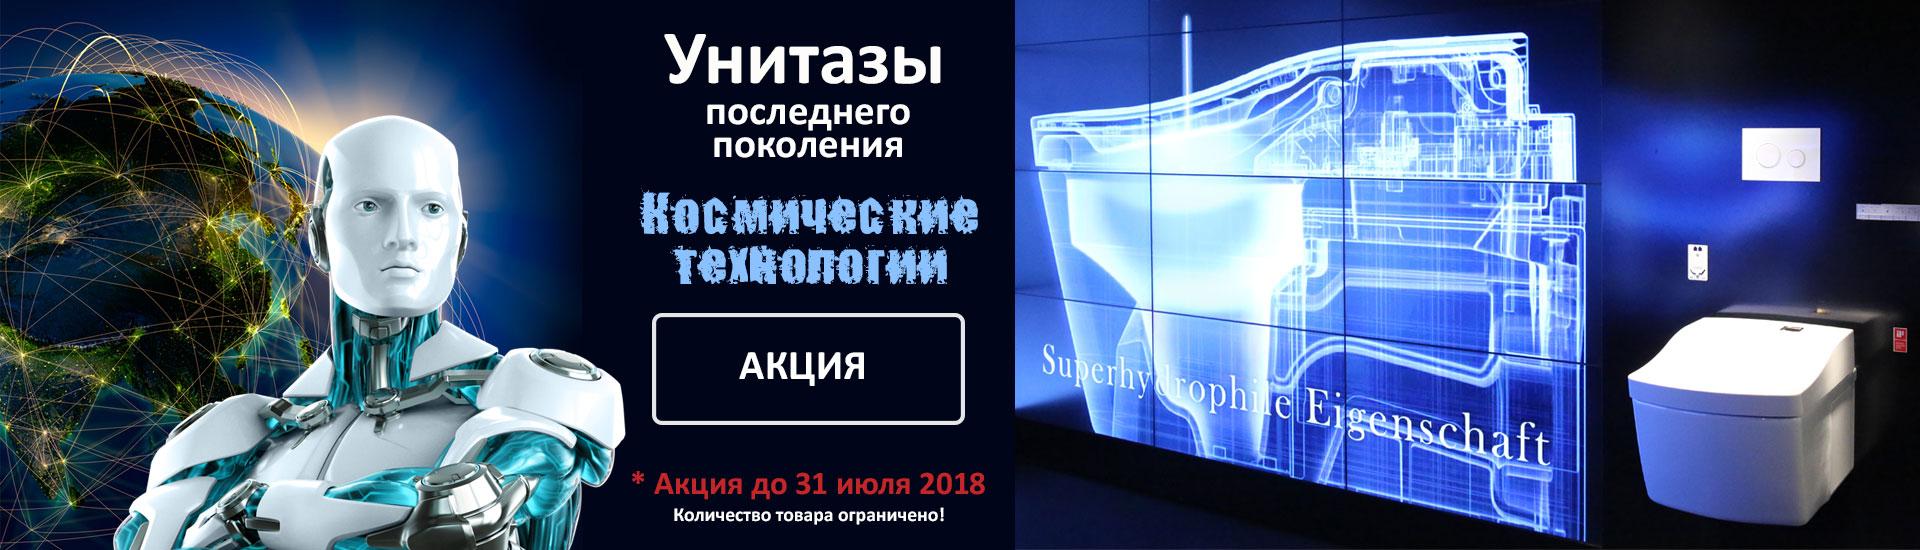 Европейская сантехника и мебель  купить недорого во Владивостоке ... 5d30b704e8057